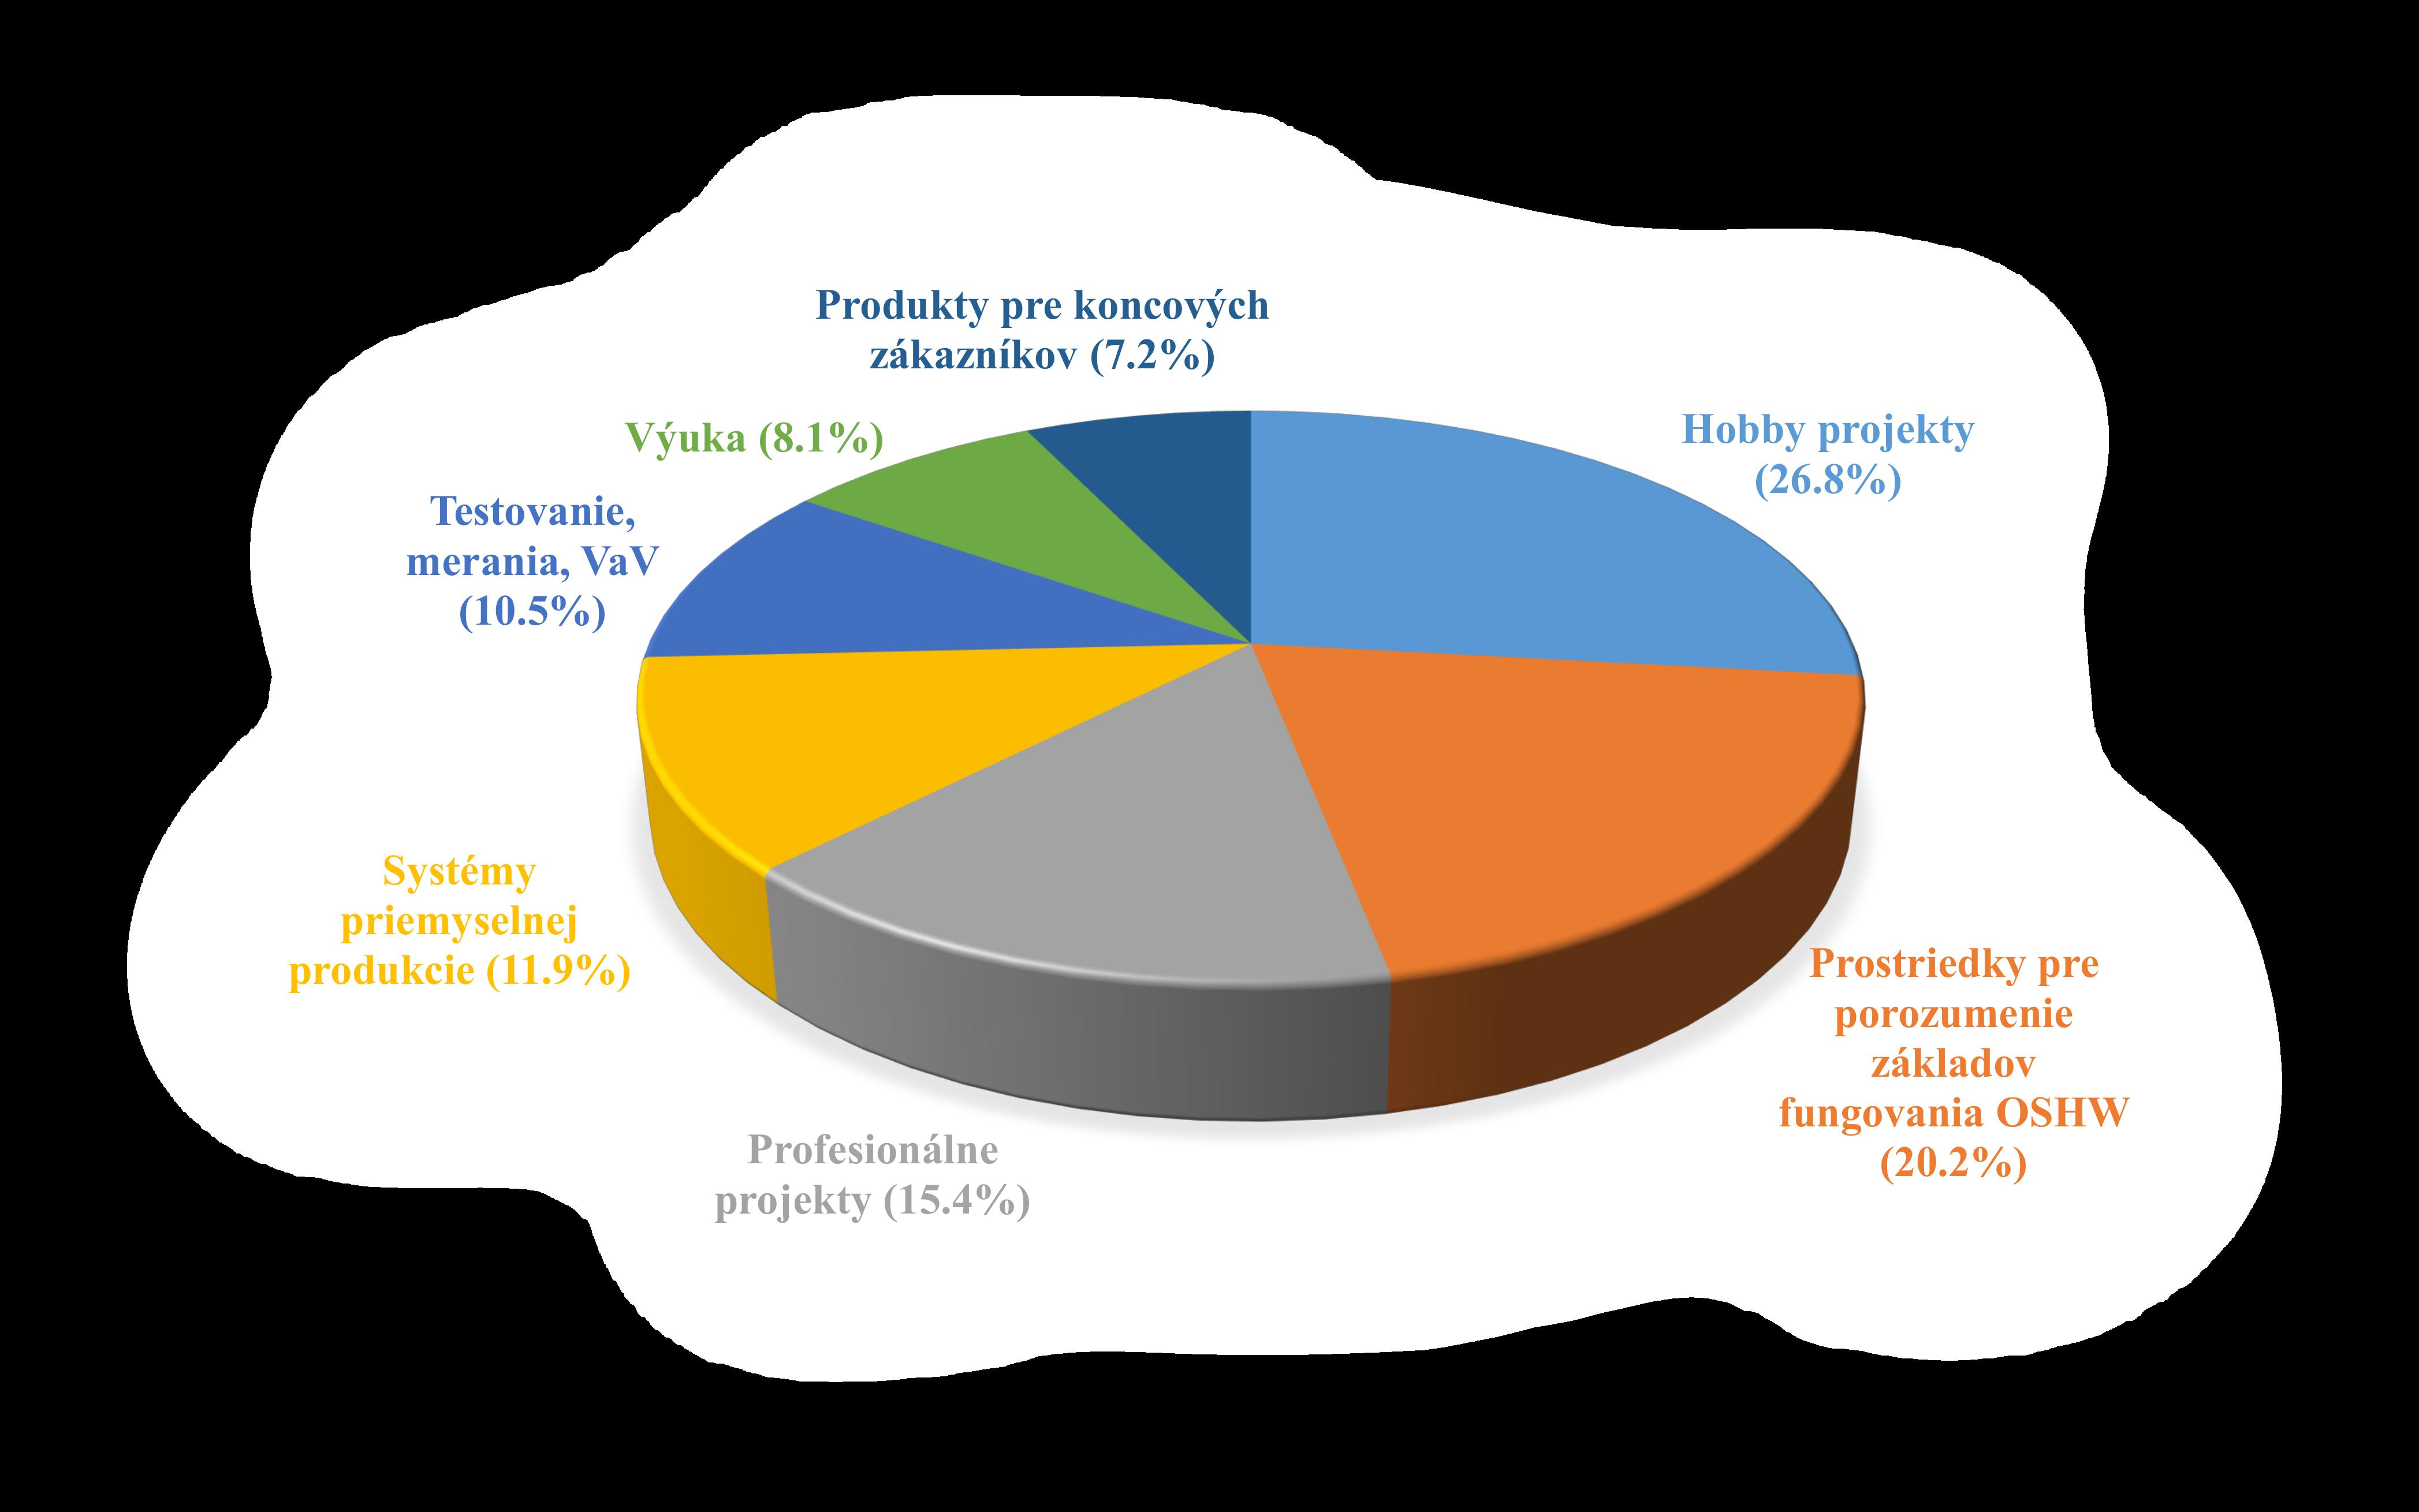 V súčasnej dobe existuje široká databáza Open-HW projektov spadajúcich  jednak pod Open Source Hardware Association alebo vystupujúcich samostatne 5949d9893ed